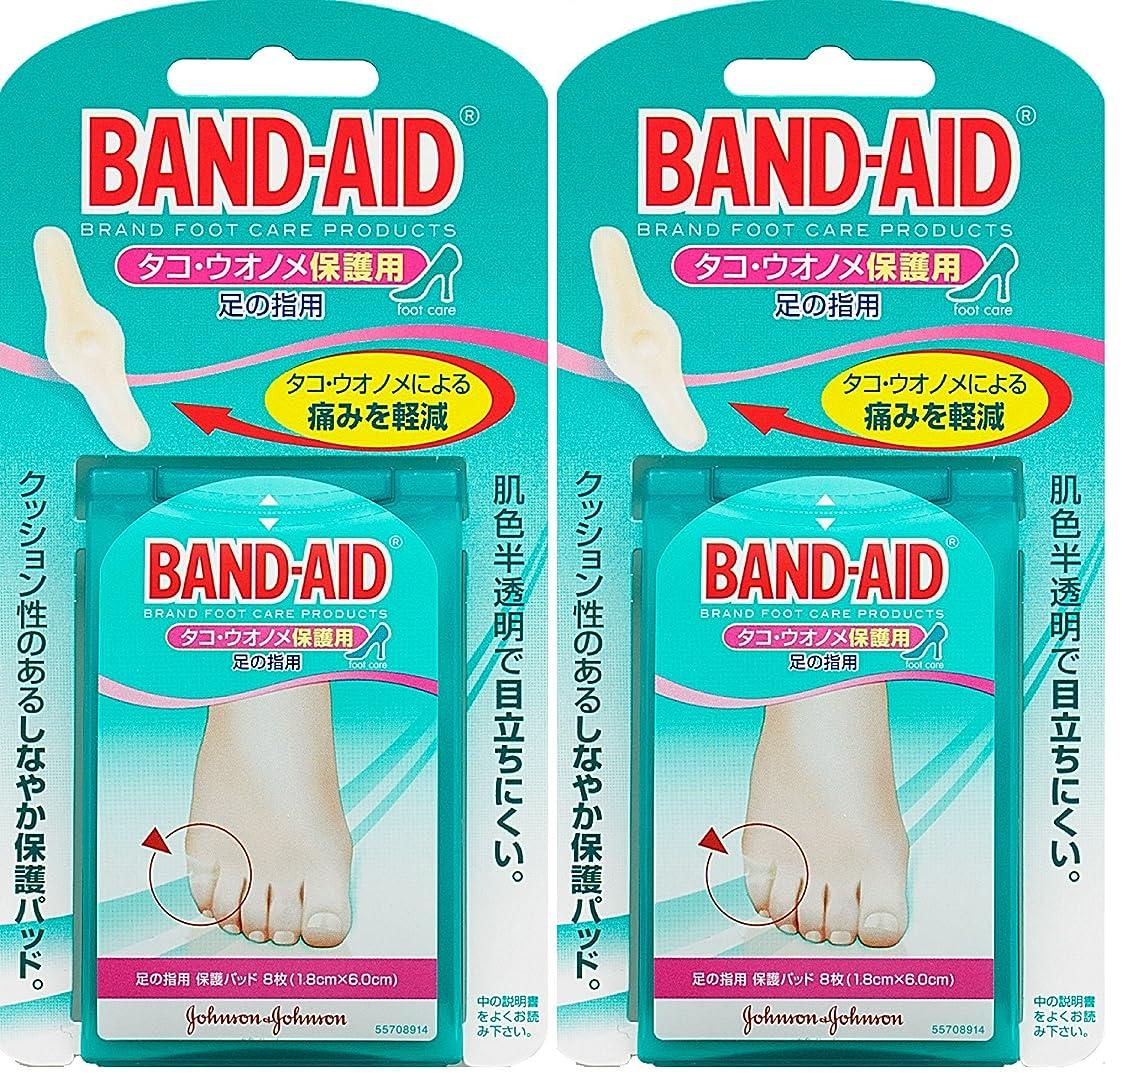 疼痛論理的にアウター【まとめ買い】BAND-AID(バンドエイド) タコ?ウオノメ保護用 足の指用 8枚×2個